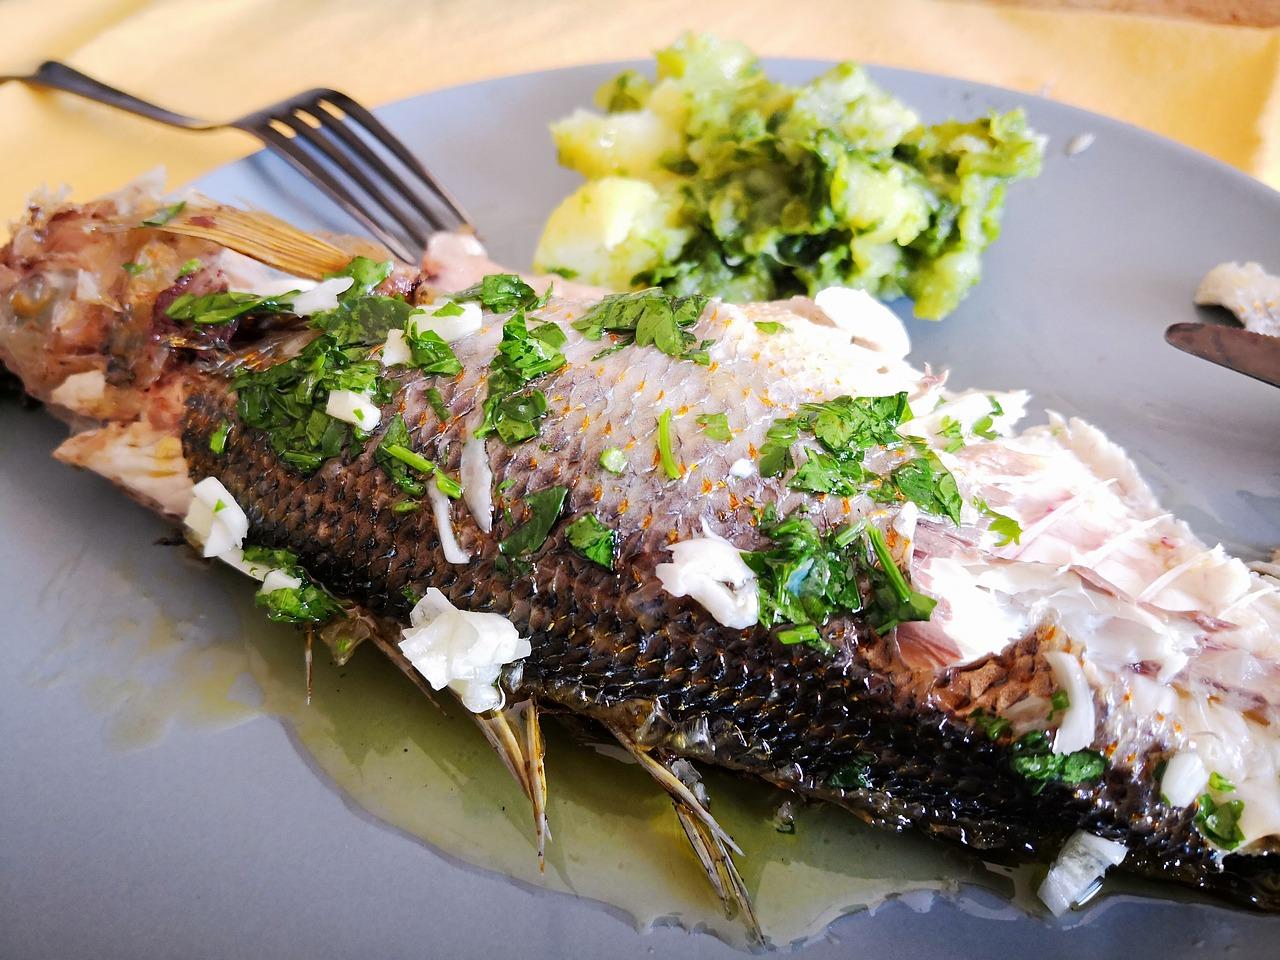 Nutriționistul avertizează: Nu ar trebui să consumăm acest pește!